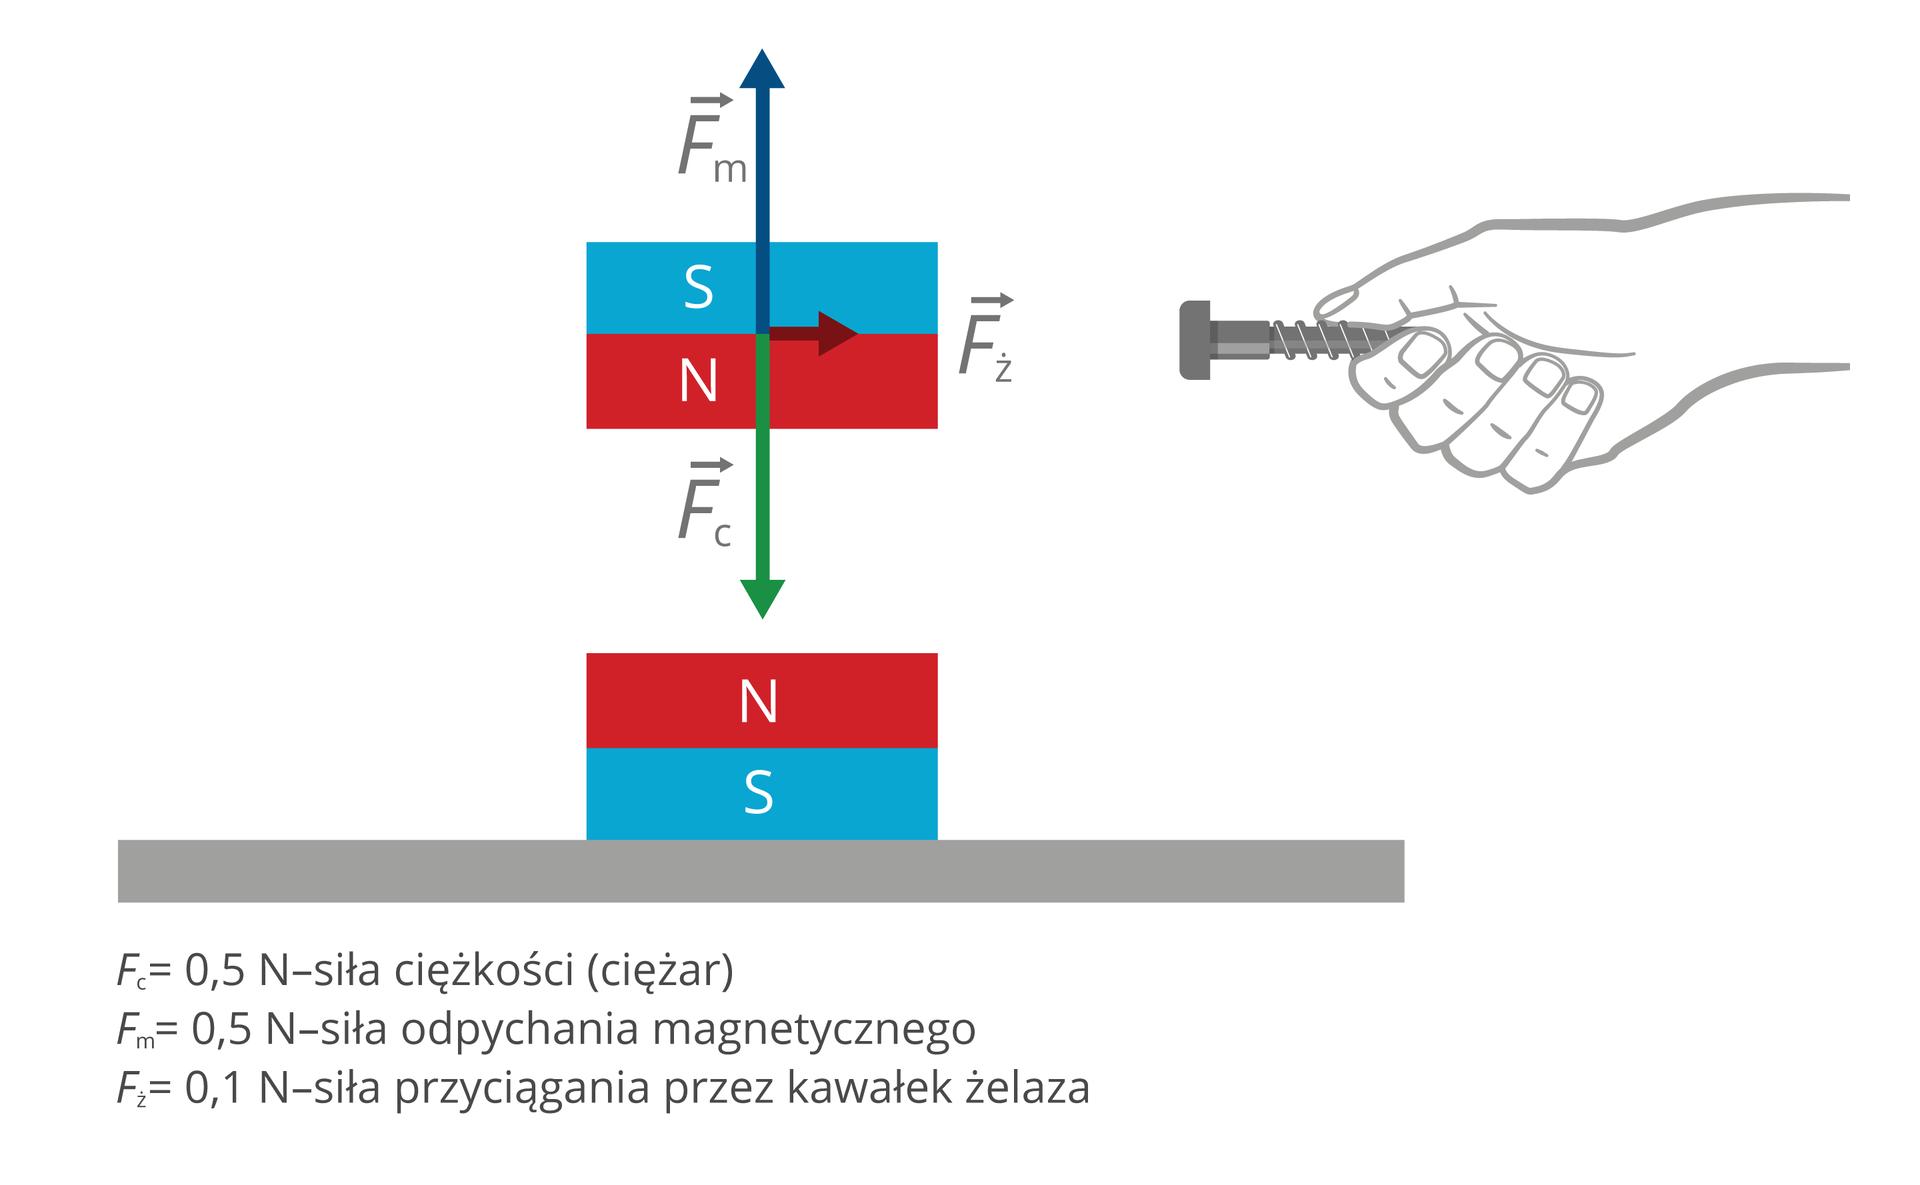 Schemat przedstawia siłę równoważącą. Widoczne są dwa magnesy oraz ręka trzymająca śrubę. Magnesy znajdują się jeden nad drugim. Nie stykają się. Zwrócone są do siebie tymi samymi biegunami (północnymi). Zprawej strony, na wysokości górnego magnesu narysowana jest ręka, która trzyma żelazną śrubę. Na schemacie oznaczono, jakie siły działają na góry magnes. Wektory trzech sił mają wspólny punkt przyłożenia. Punkt przyłożenia znajduje się na środku górnego magnesu. Dwie zsił leżą na tej samej prostej, prostopadłej do podłoża. Wektory mają ten sam kierunek, ale przeciwne zwroty. Wektor siły ciężkości (ciężaru), zwrócony jest ku dołowi. Siła ciężkości ma wartość 0,5 niutona. Wektor siły odpychania magnetycznego zwrócony jest ku górze. Siła odpychania magnetycznego również ma wartość 0,5 niutonów. Trzeci wektor to wektor siły przyciągania przez kawałek żelaza. Skierowany jest równolegle do podłoża. Zwrócony jest ku śrubie. Siła przyciągania ma wartość 0,1 niutona.